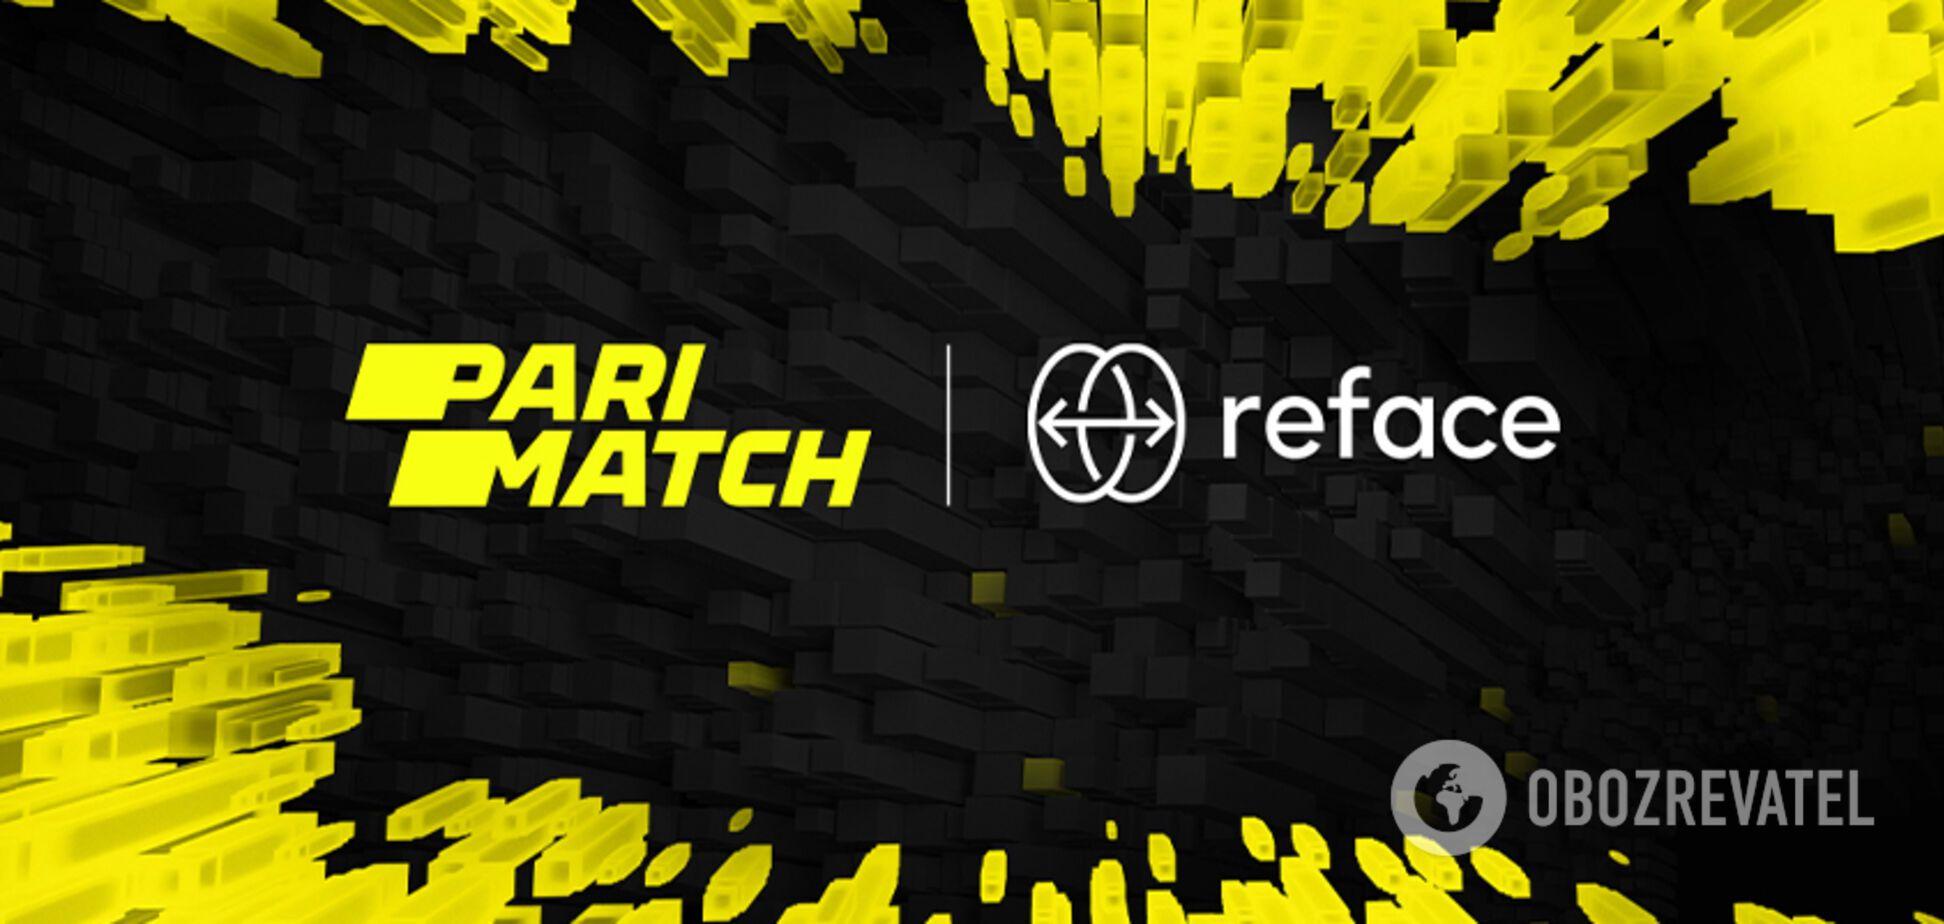 Parimatch объявил о партнерстве с Reface и запустил челлендж